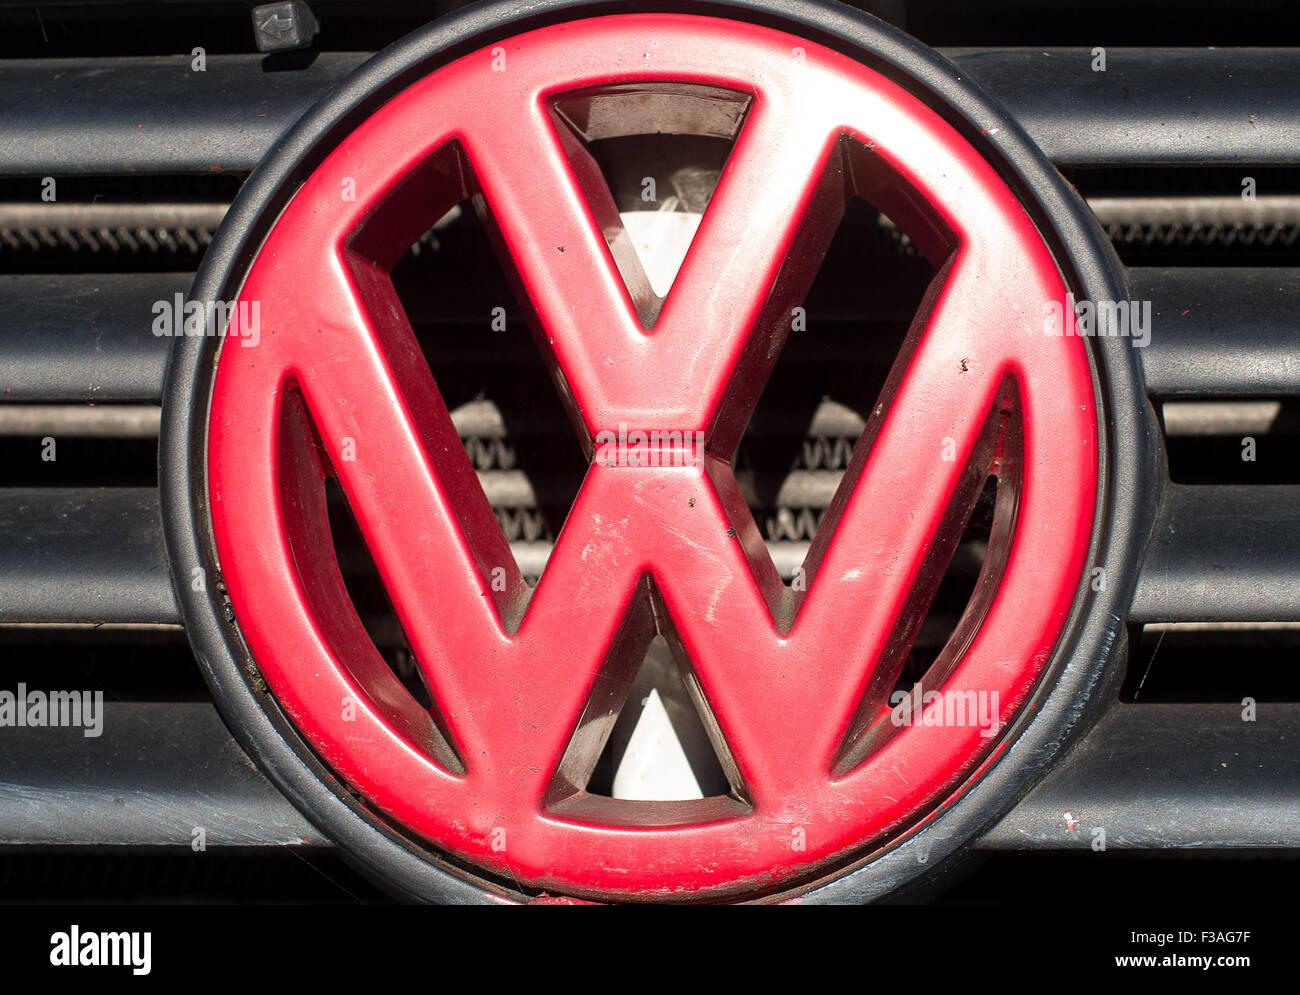 Einen Roten Volkswagen Logo Auf Einem Diesel Fahrzeug In Frankfurt